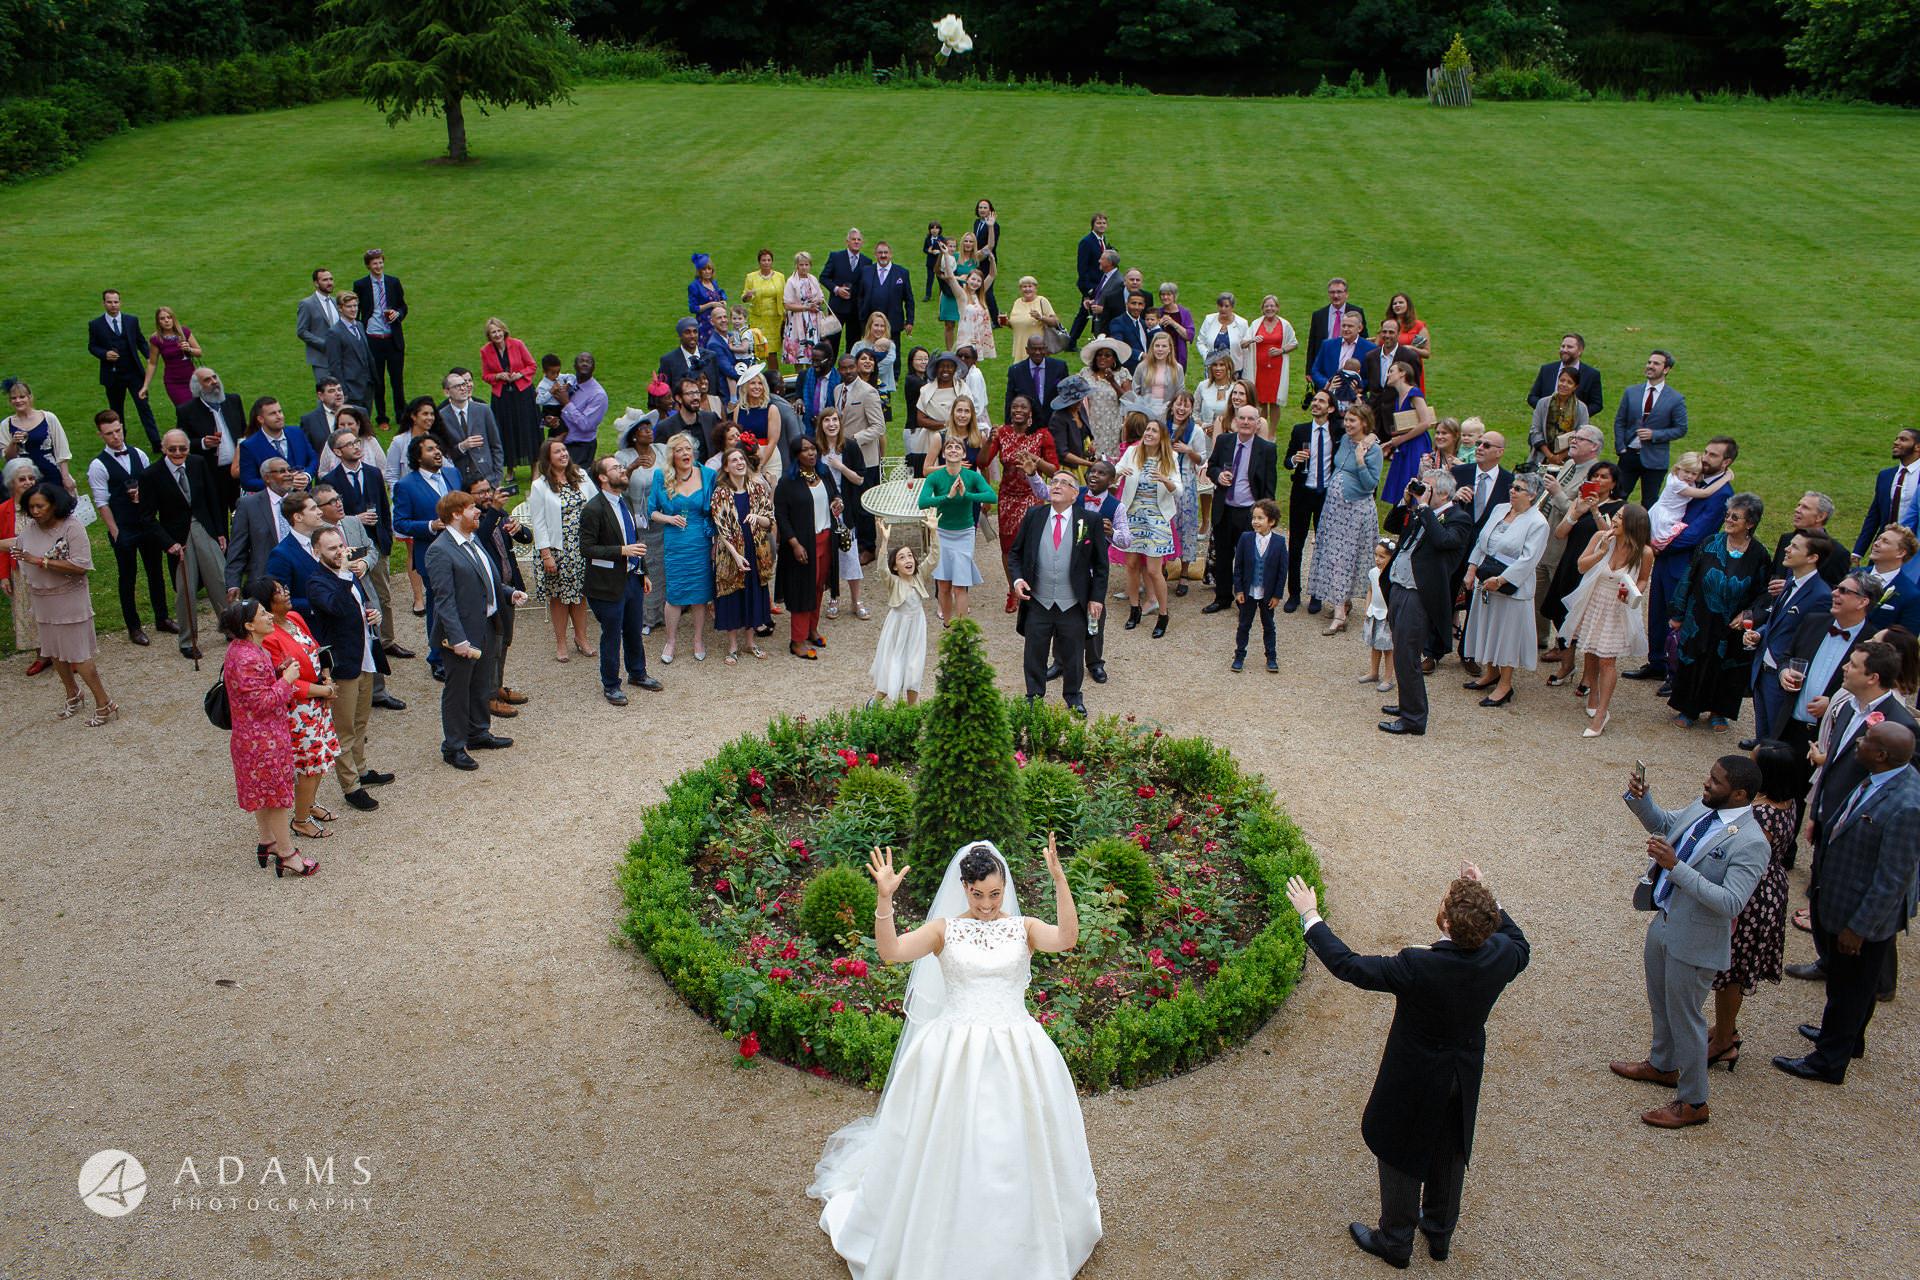 Morden HallWedding Morden Hall wedding photographer shooting throwing a bouquet at Morden Hall